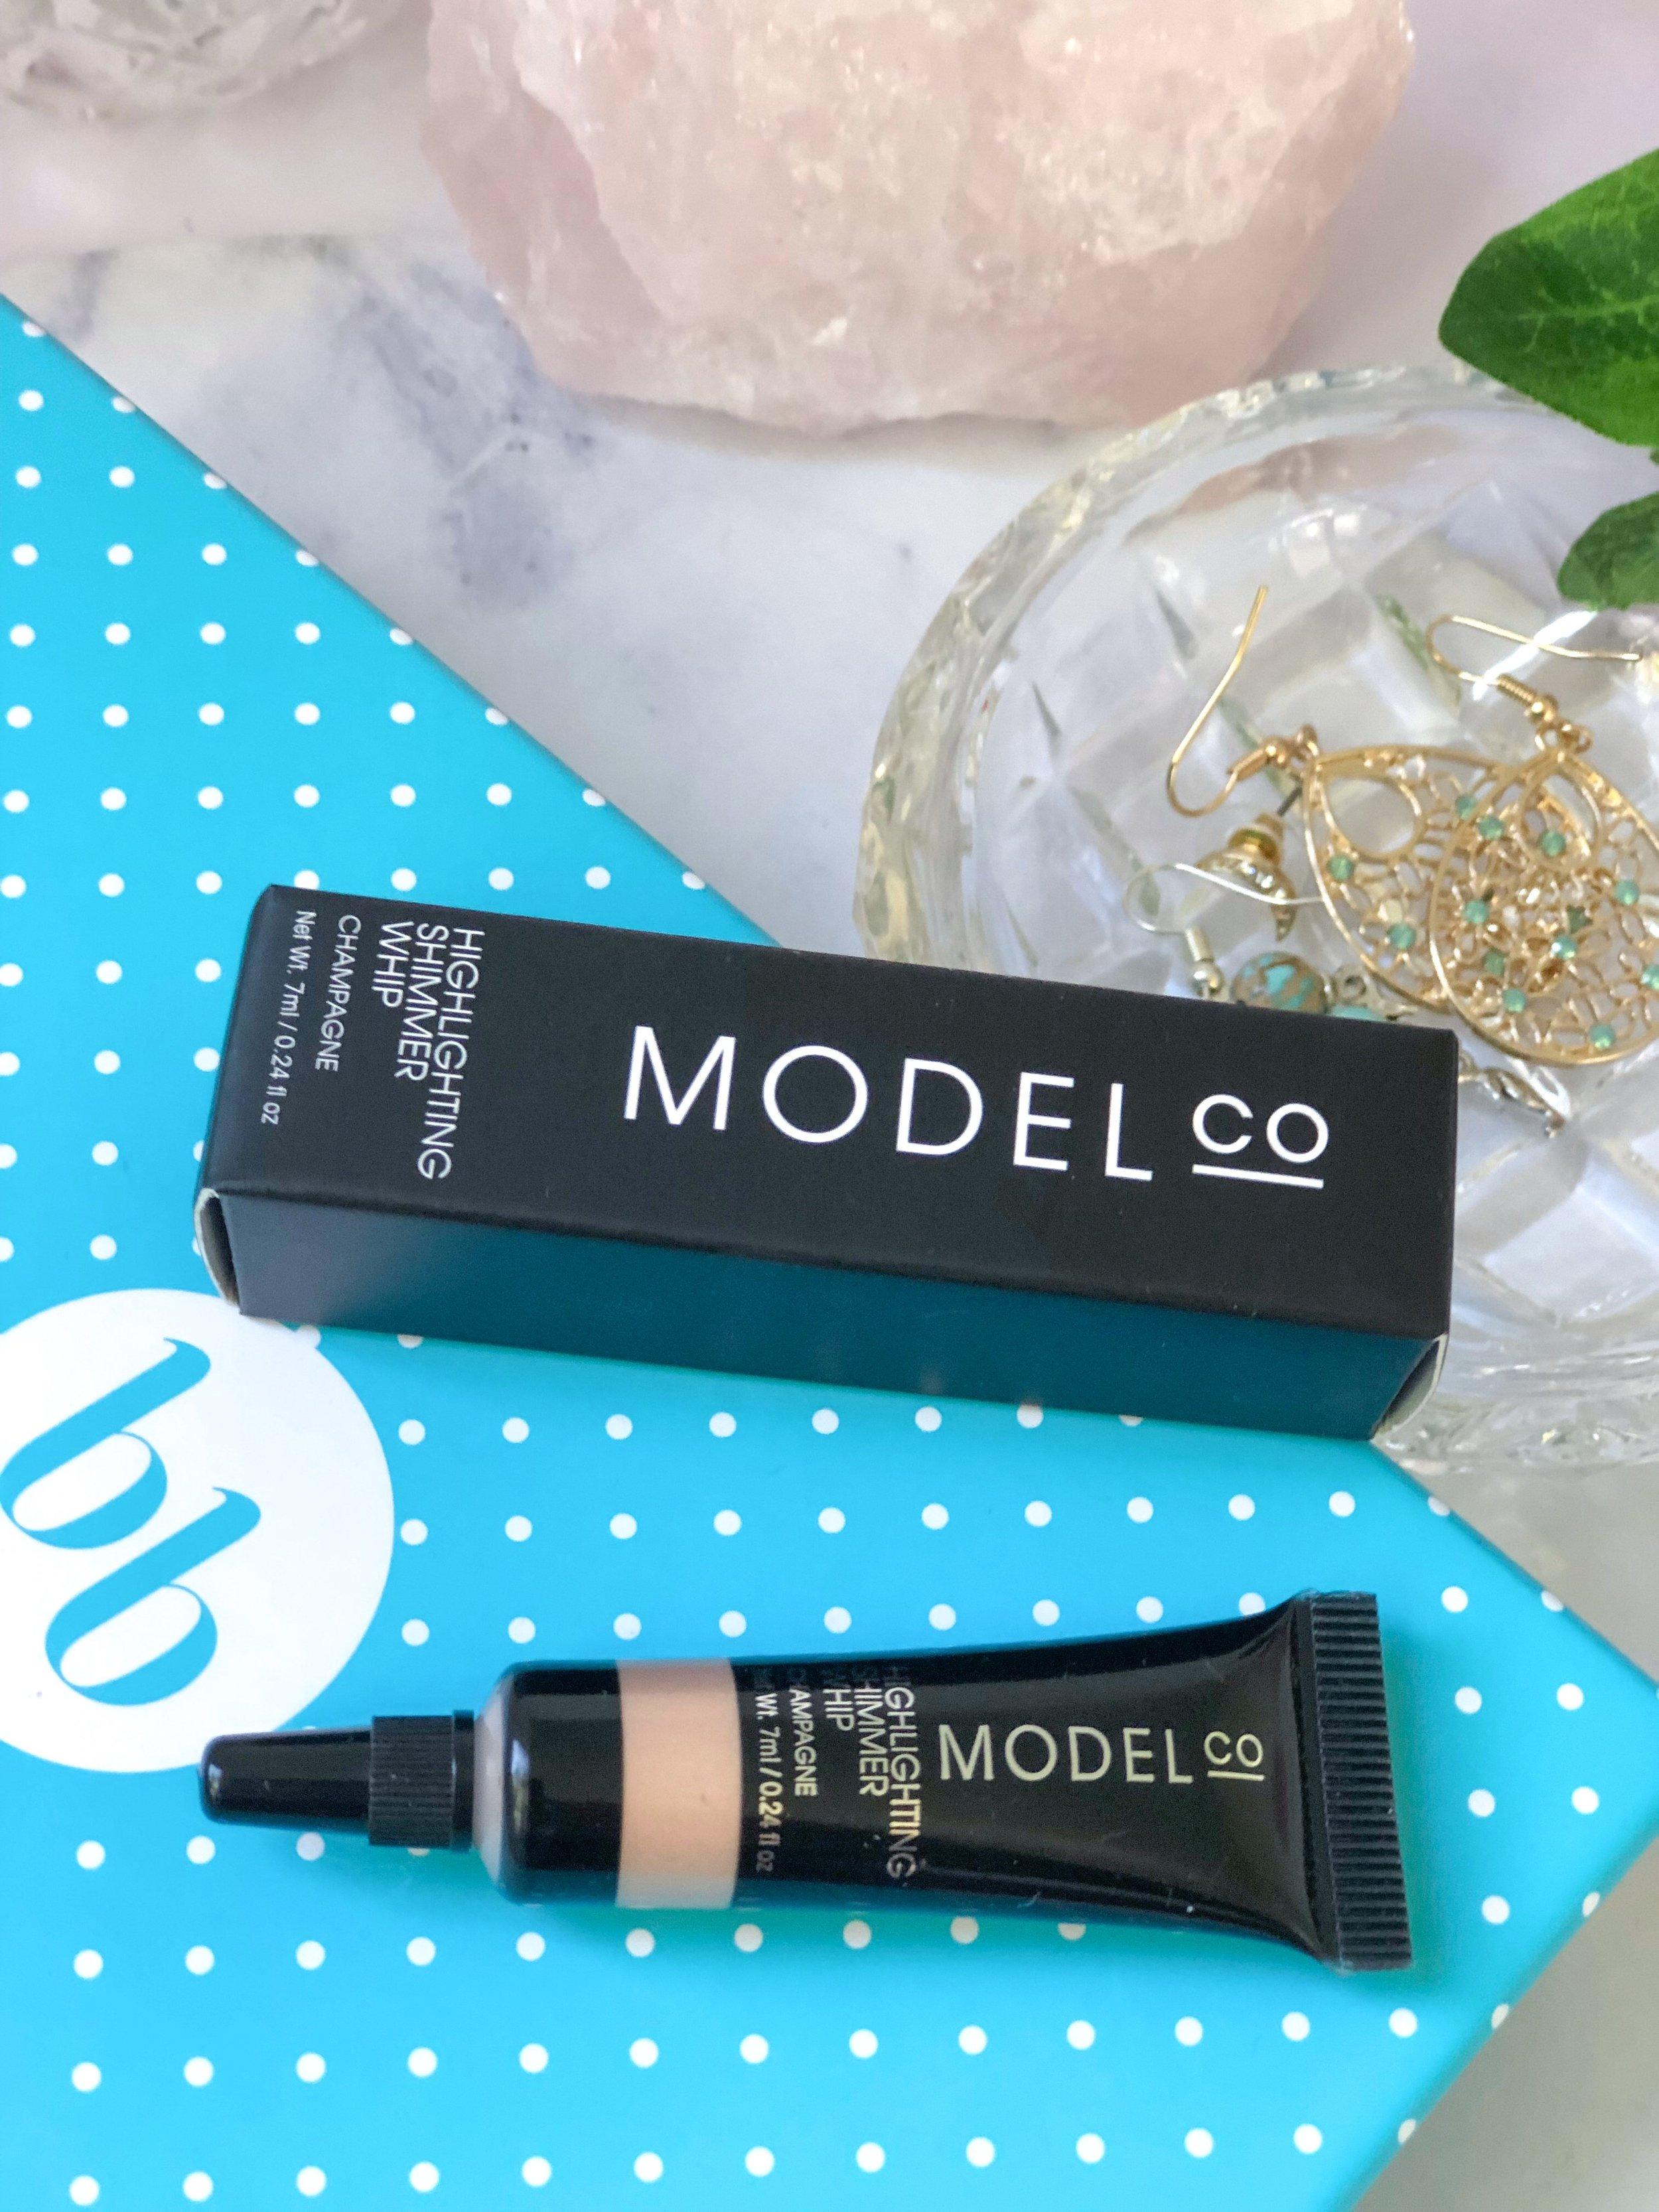 Model Co Highlighter.jpg